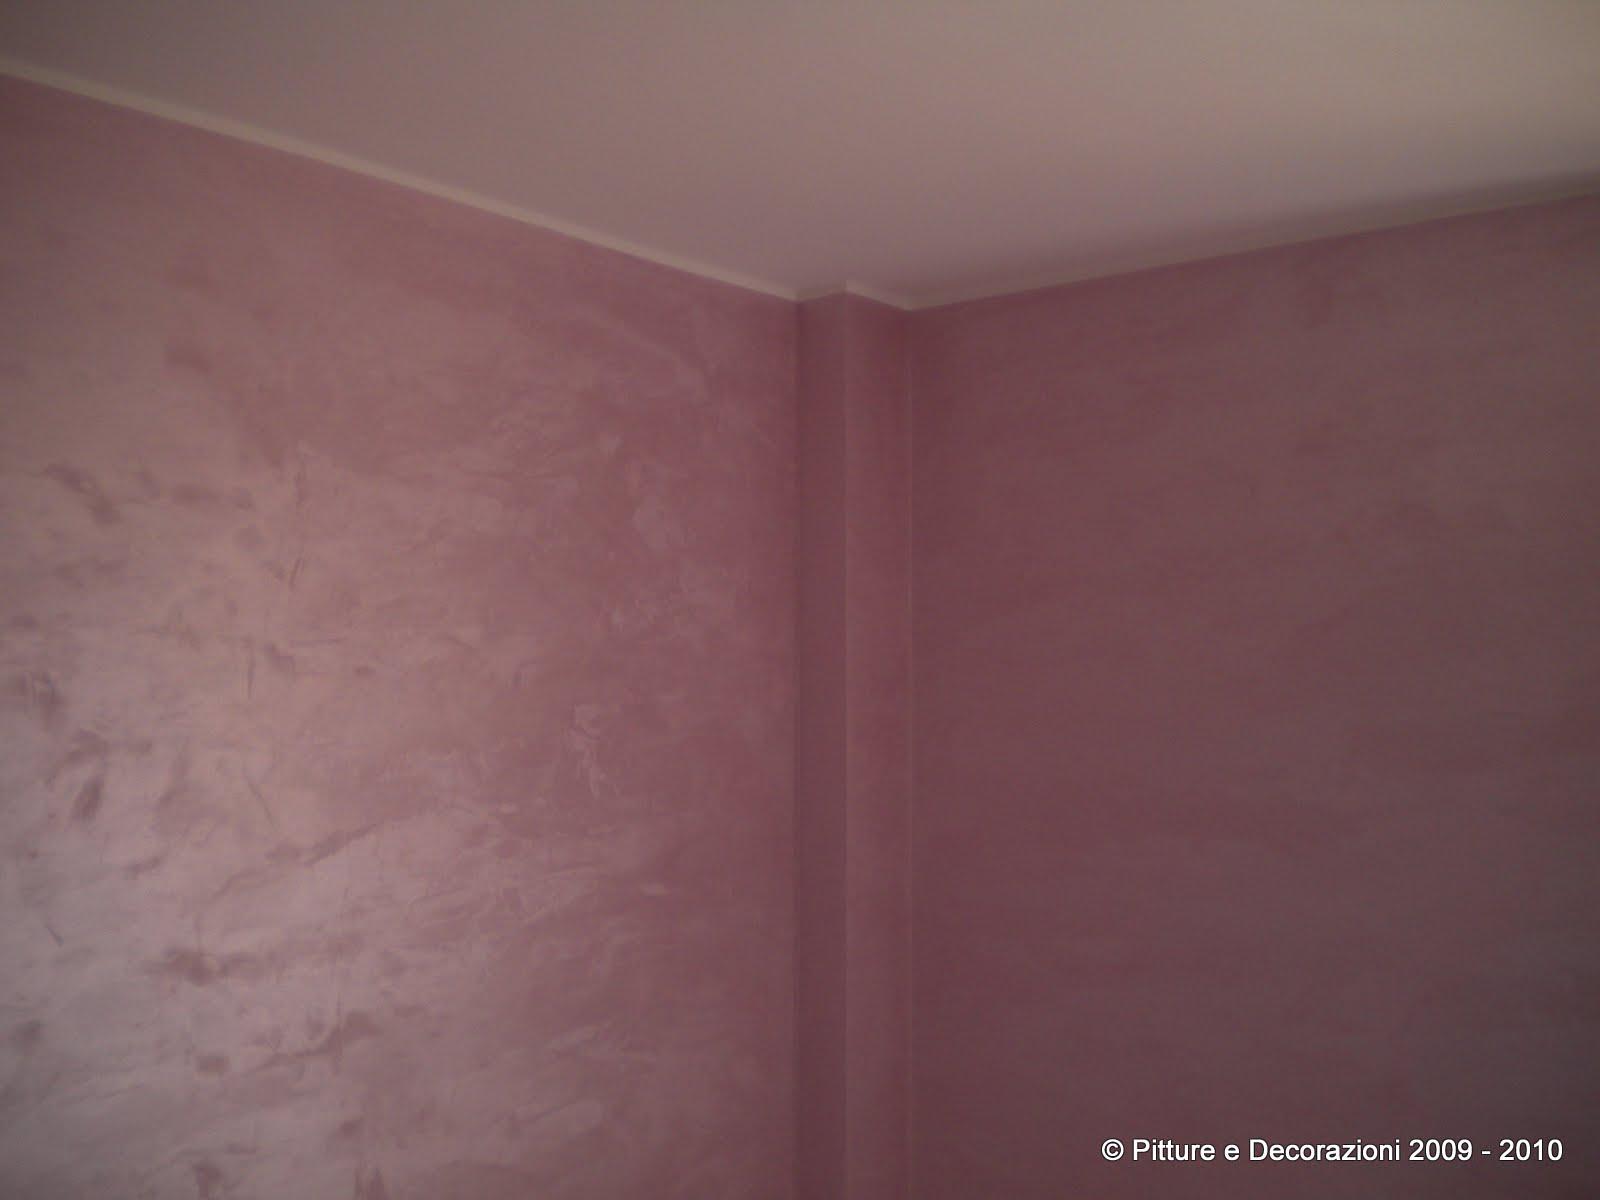 Pitture moderne per soggiorni - Pitture per camere da letto classiche ...